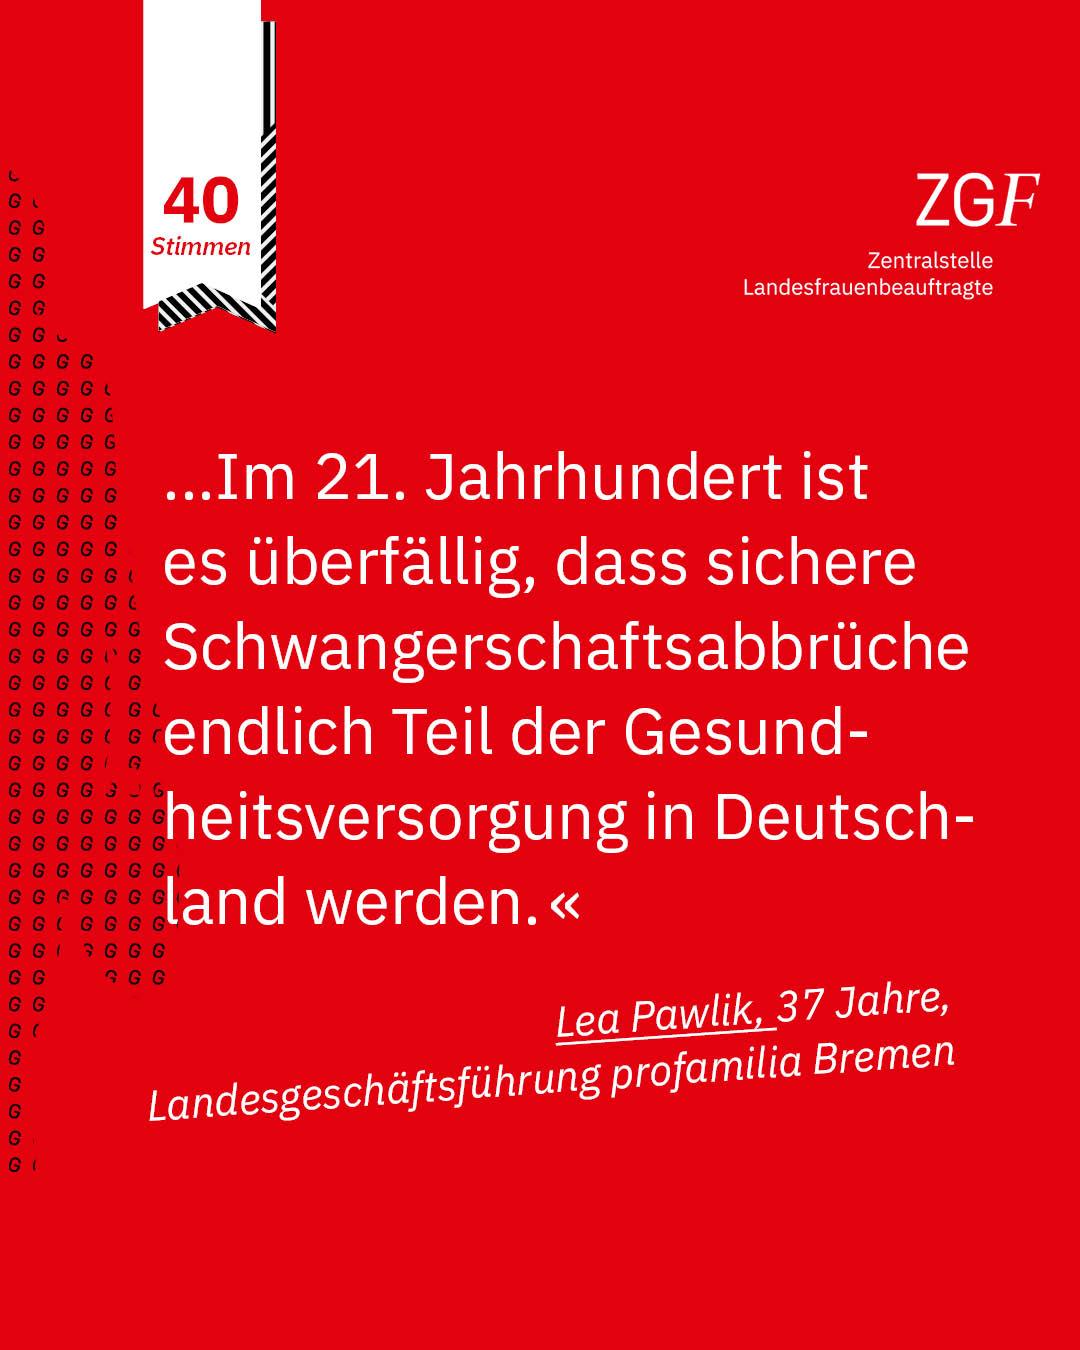 Statement 40 Jahre Gleichberechtigung, Lea Pawlik, Landesgeschäftsführung profamilia Bremen